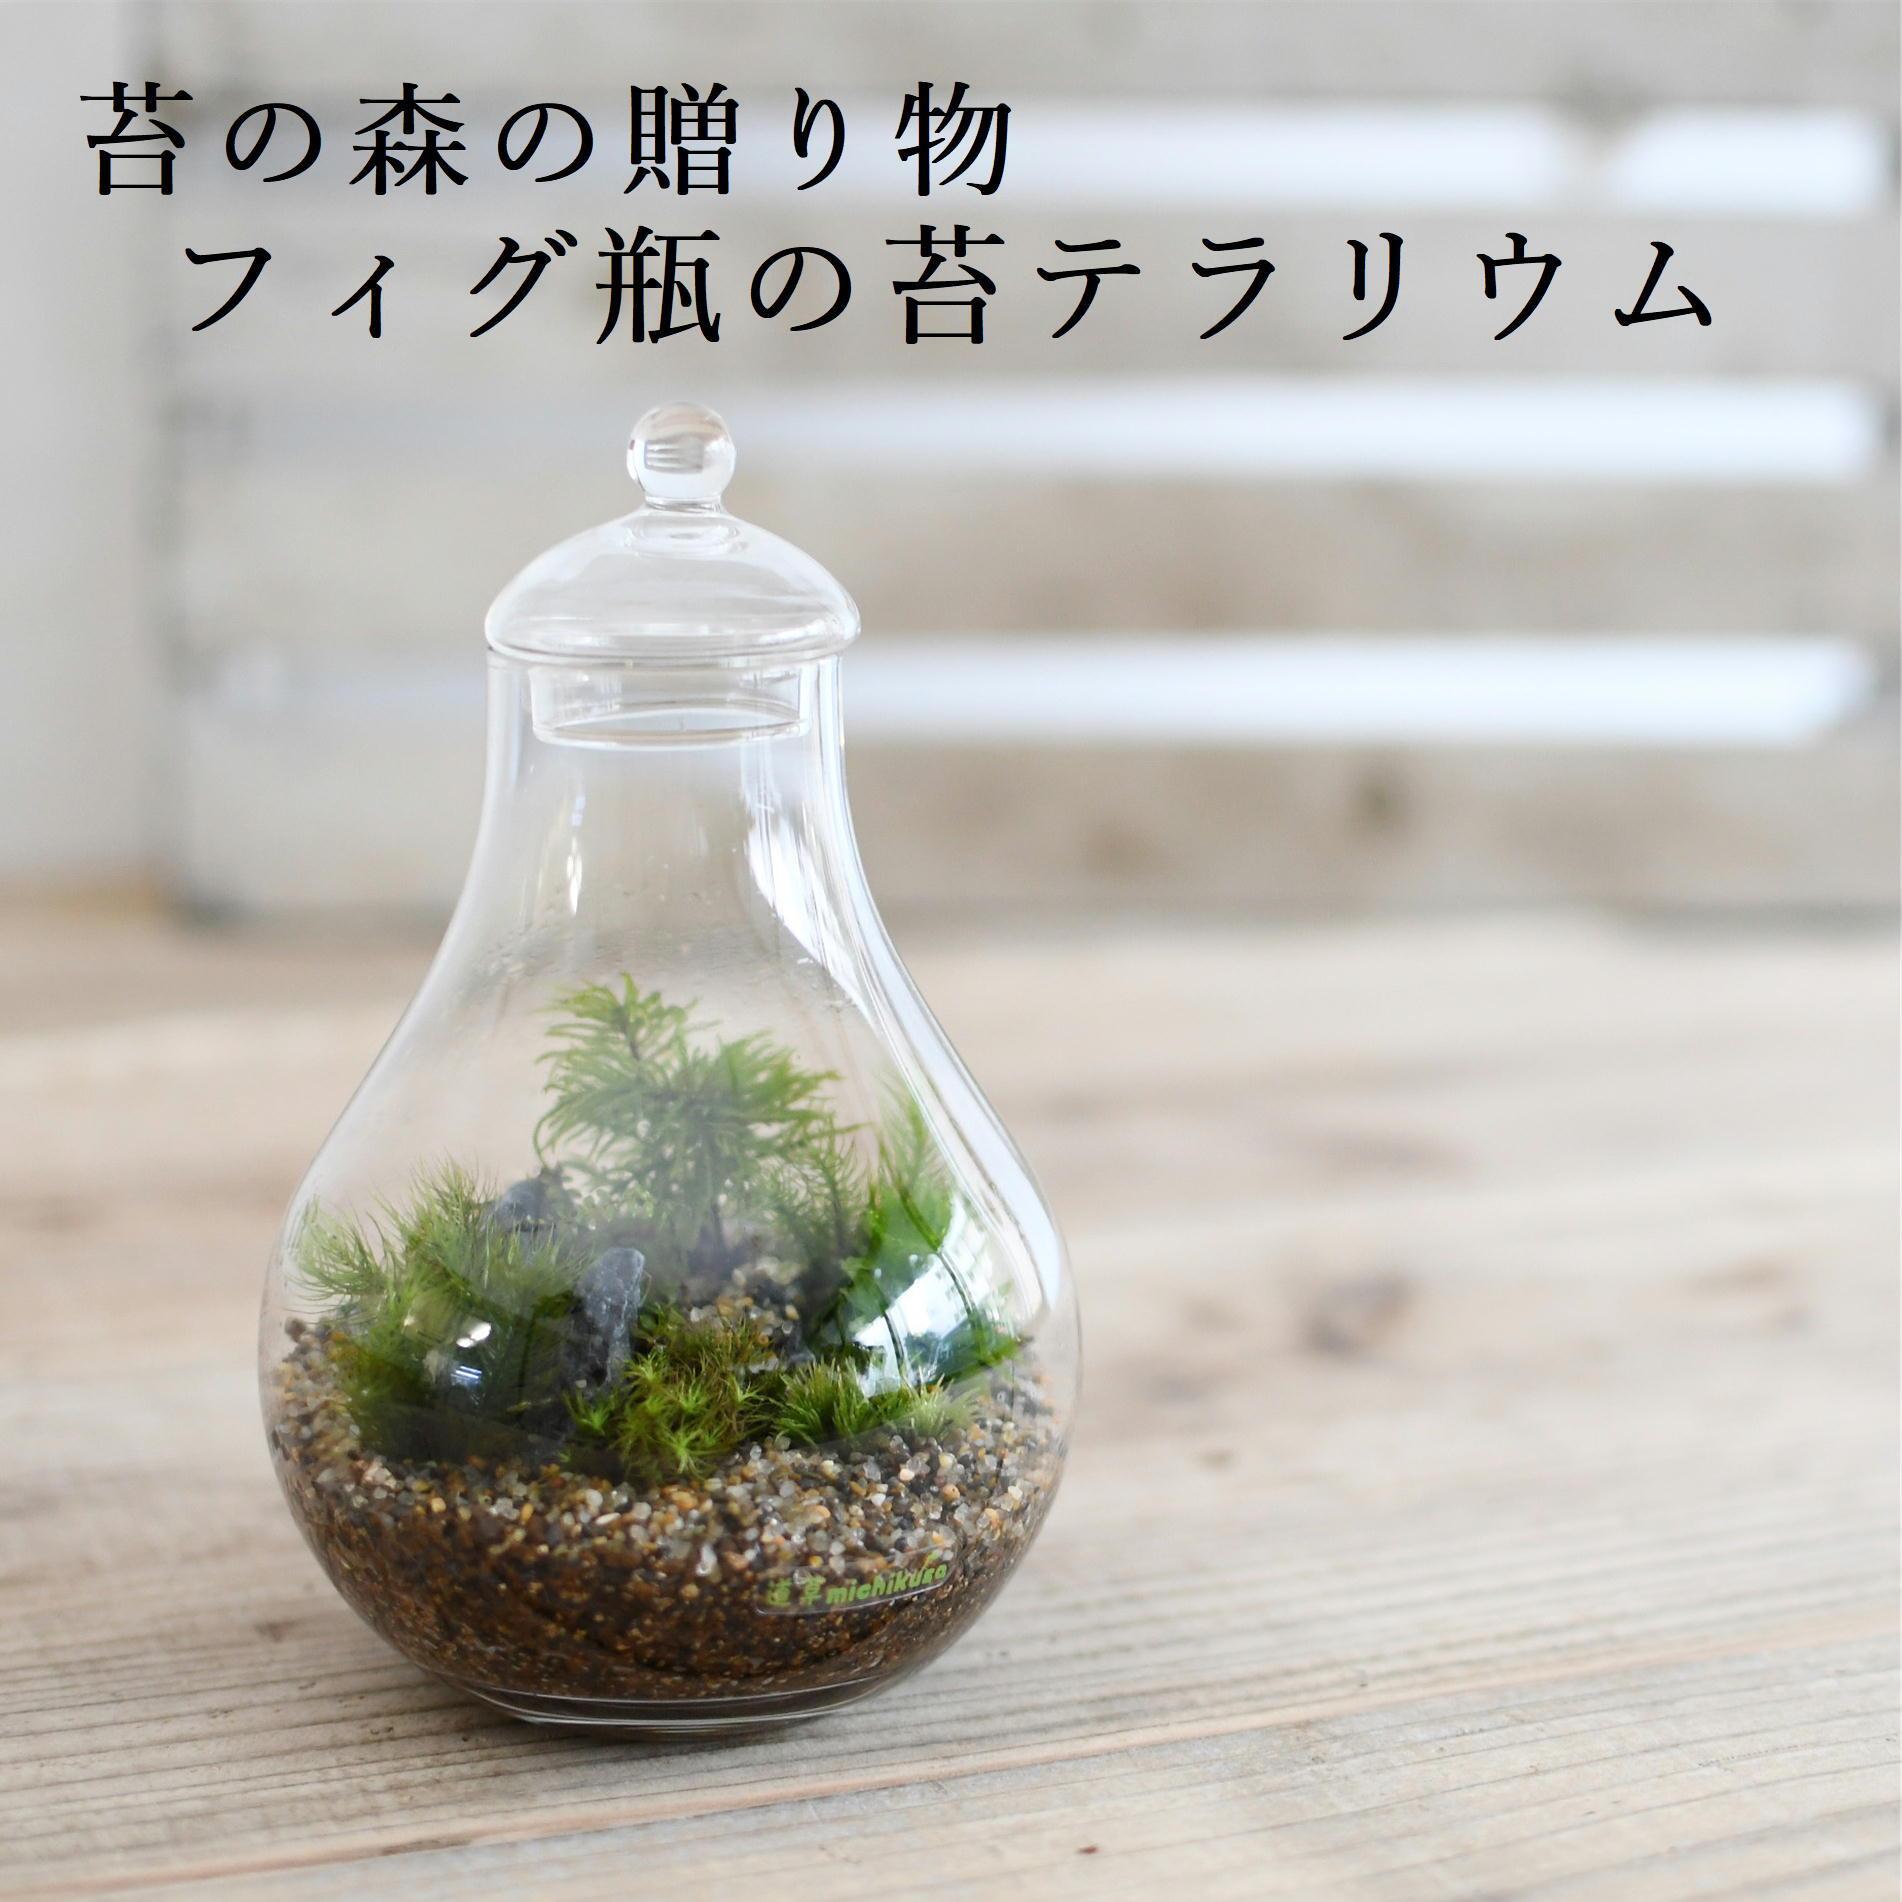 【苔の森の贈り物】苔テラリウム フィグ瓶